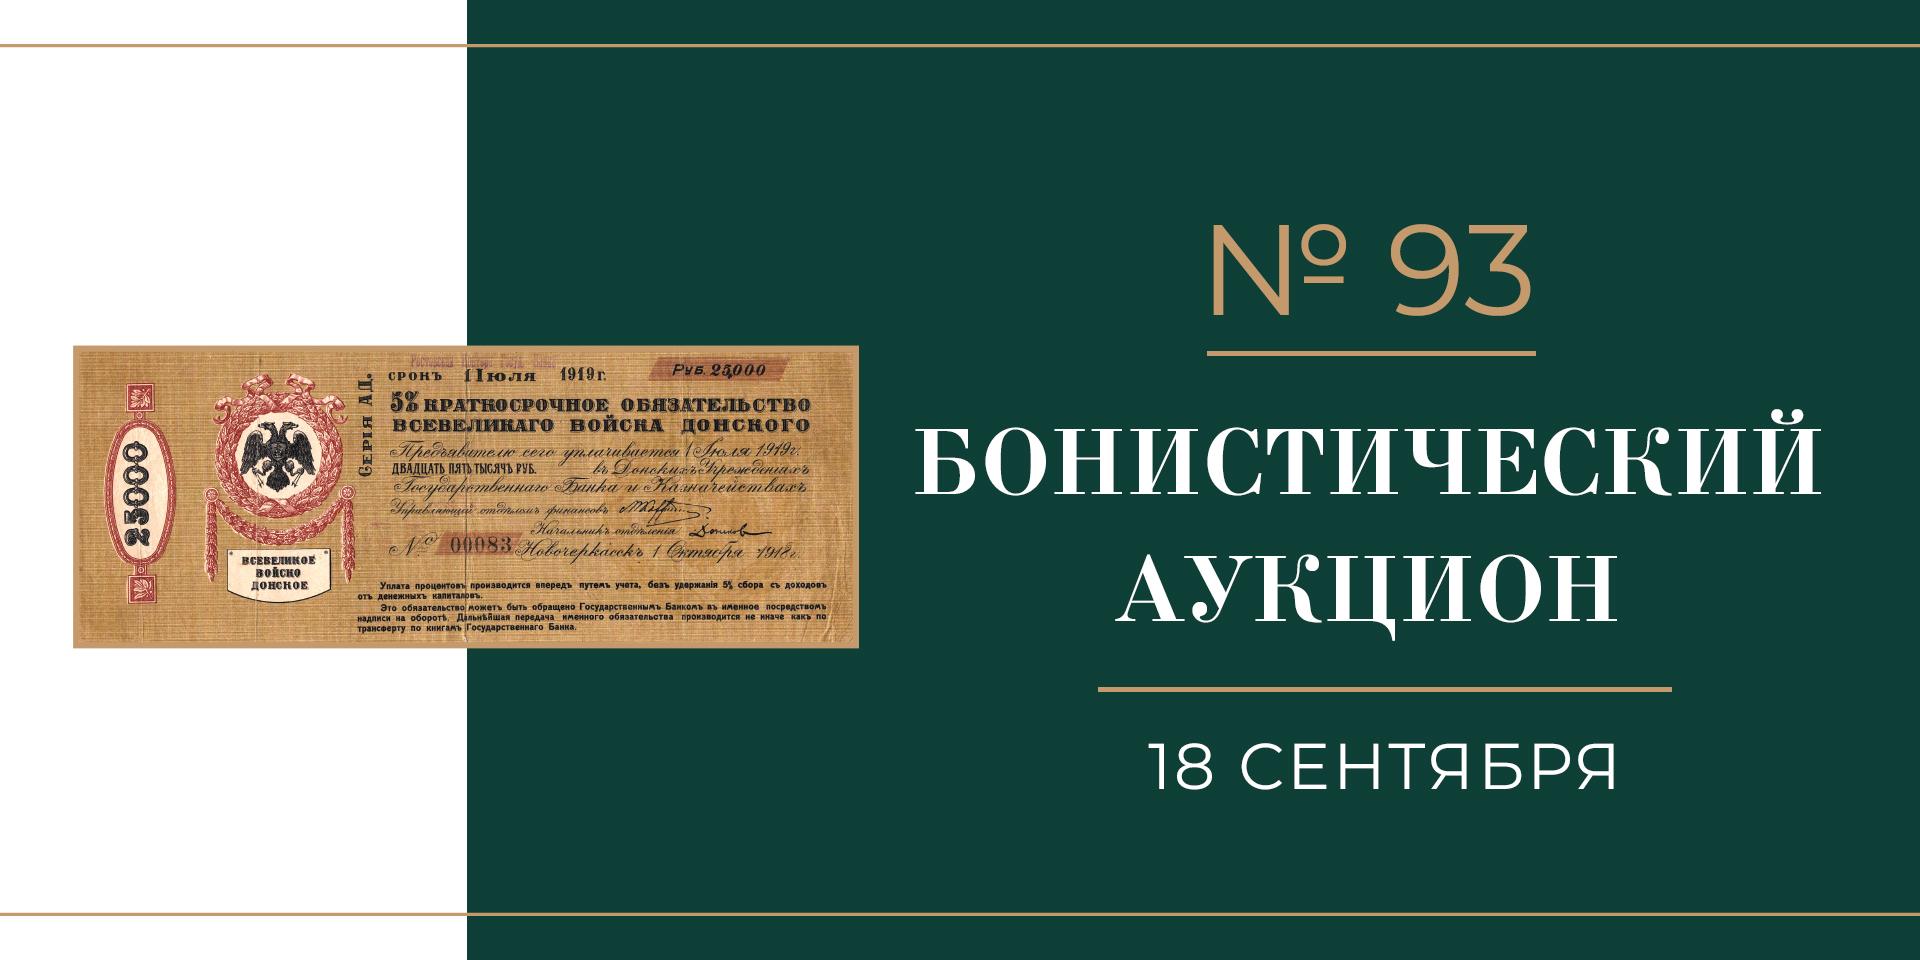 аукцион 93